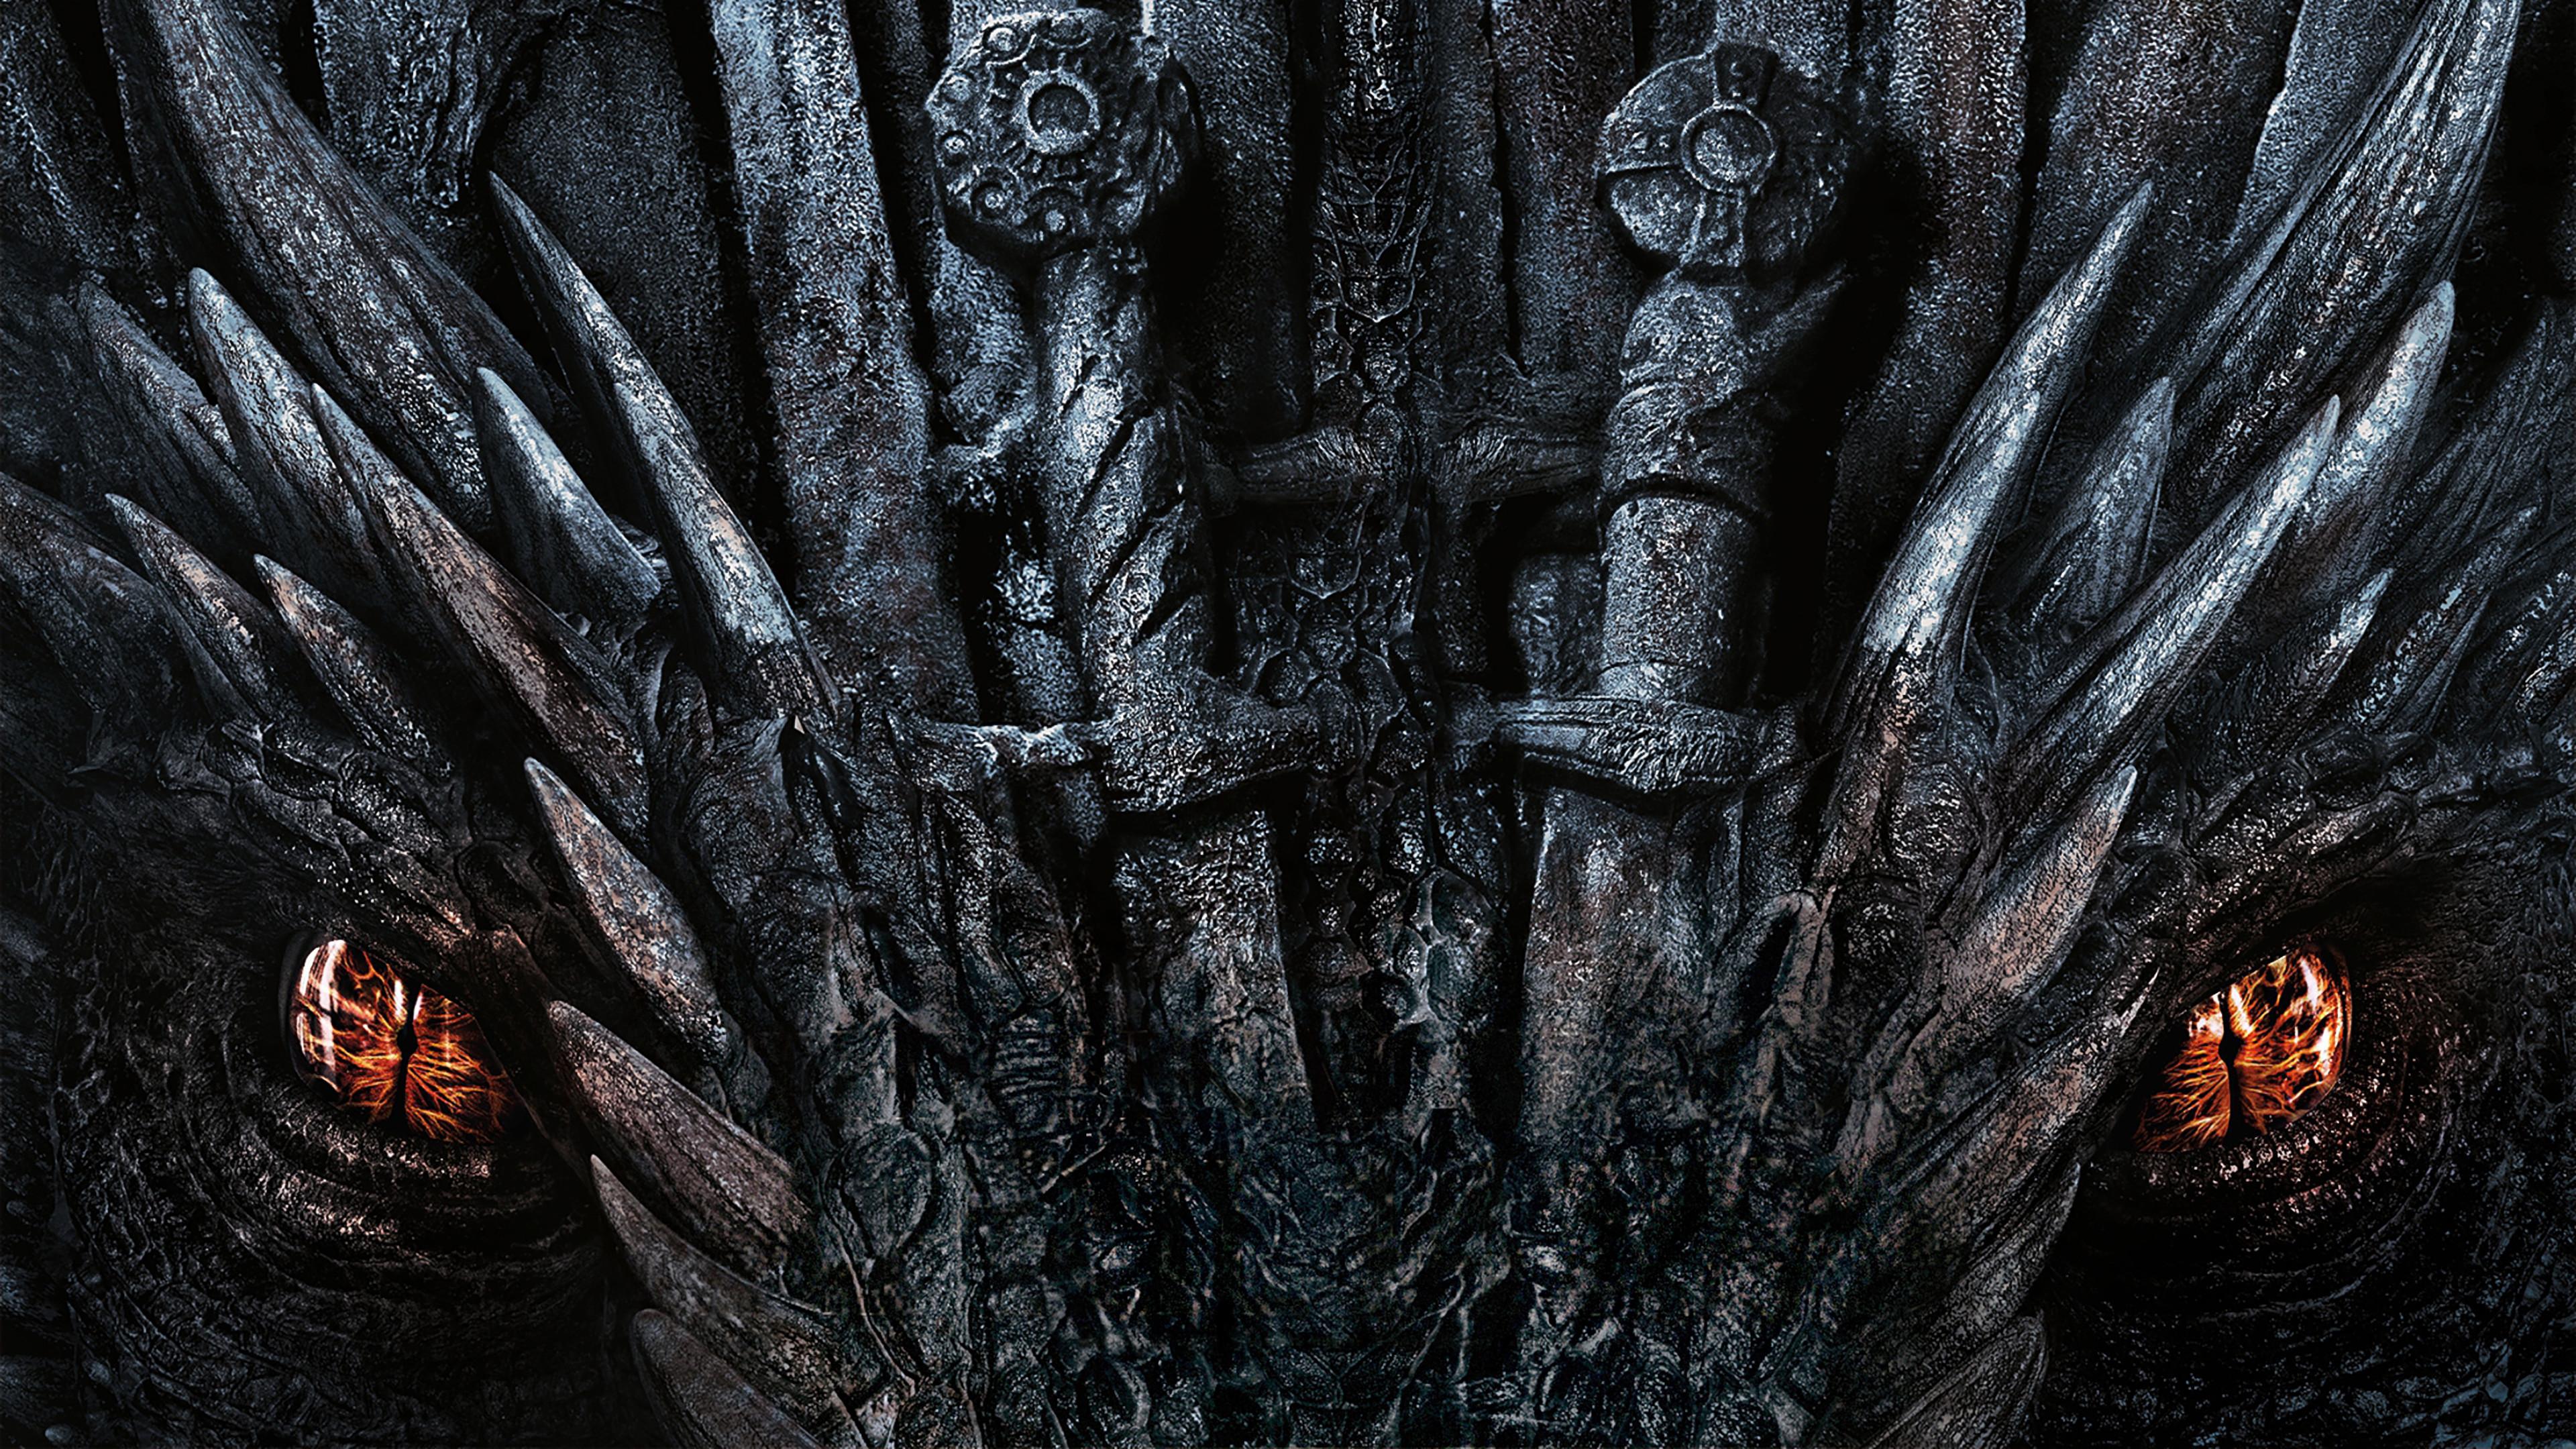 Game Of Thrones Dragon Eyes Season 8 4k Wallpaper 64